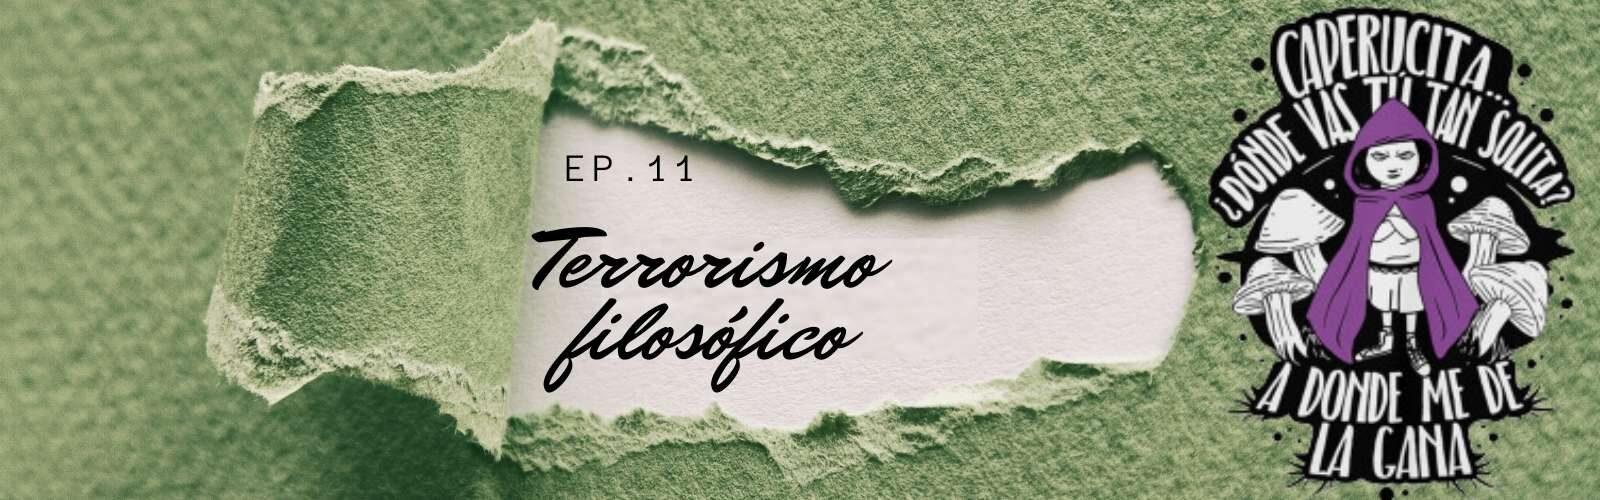 Ep. #11: Terrorismo filosófico: ¿Qué es ser una mujer libre? Charlas feministas